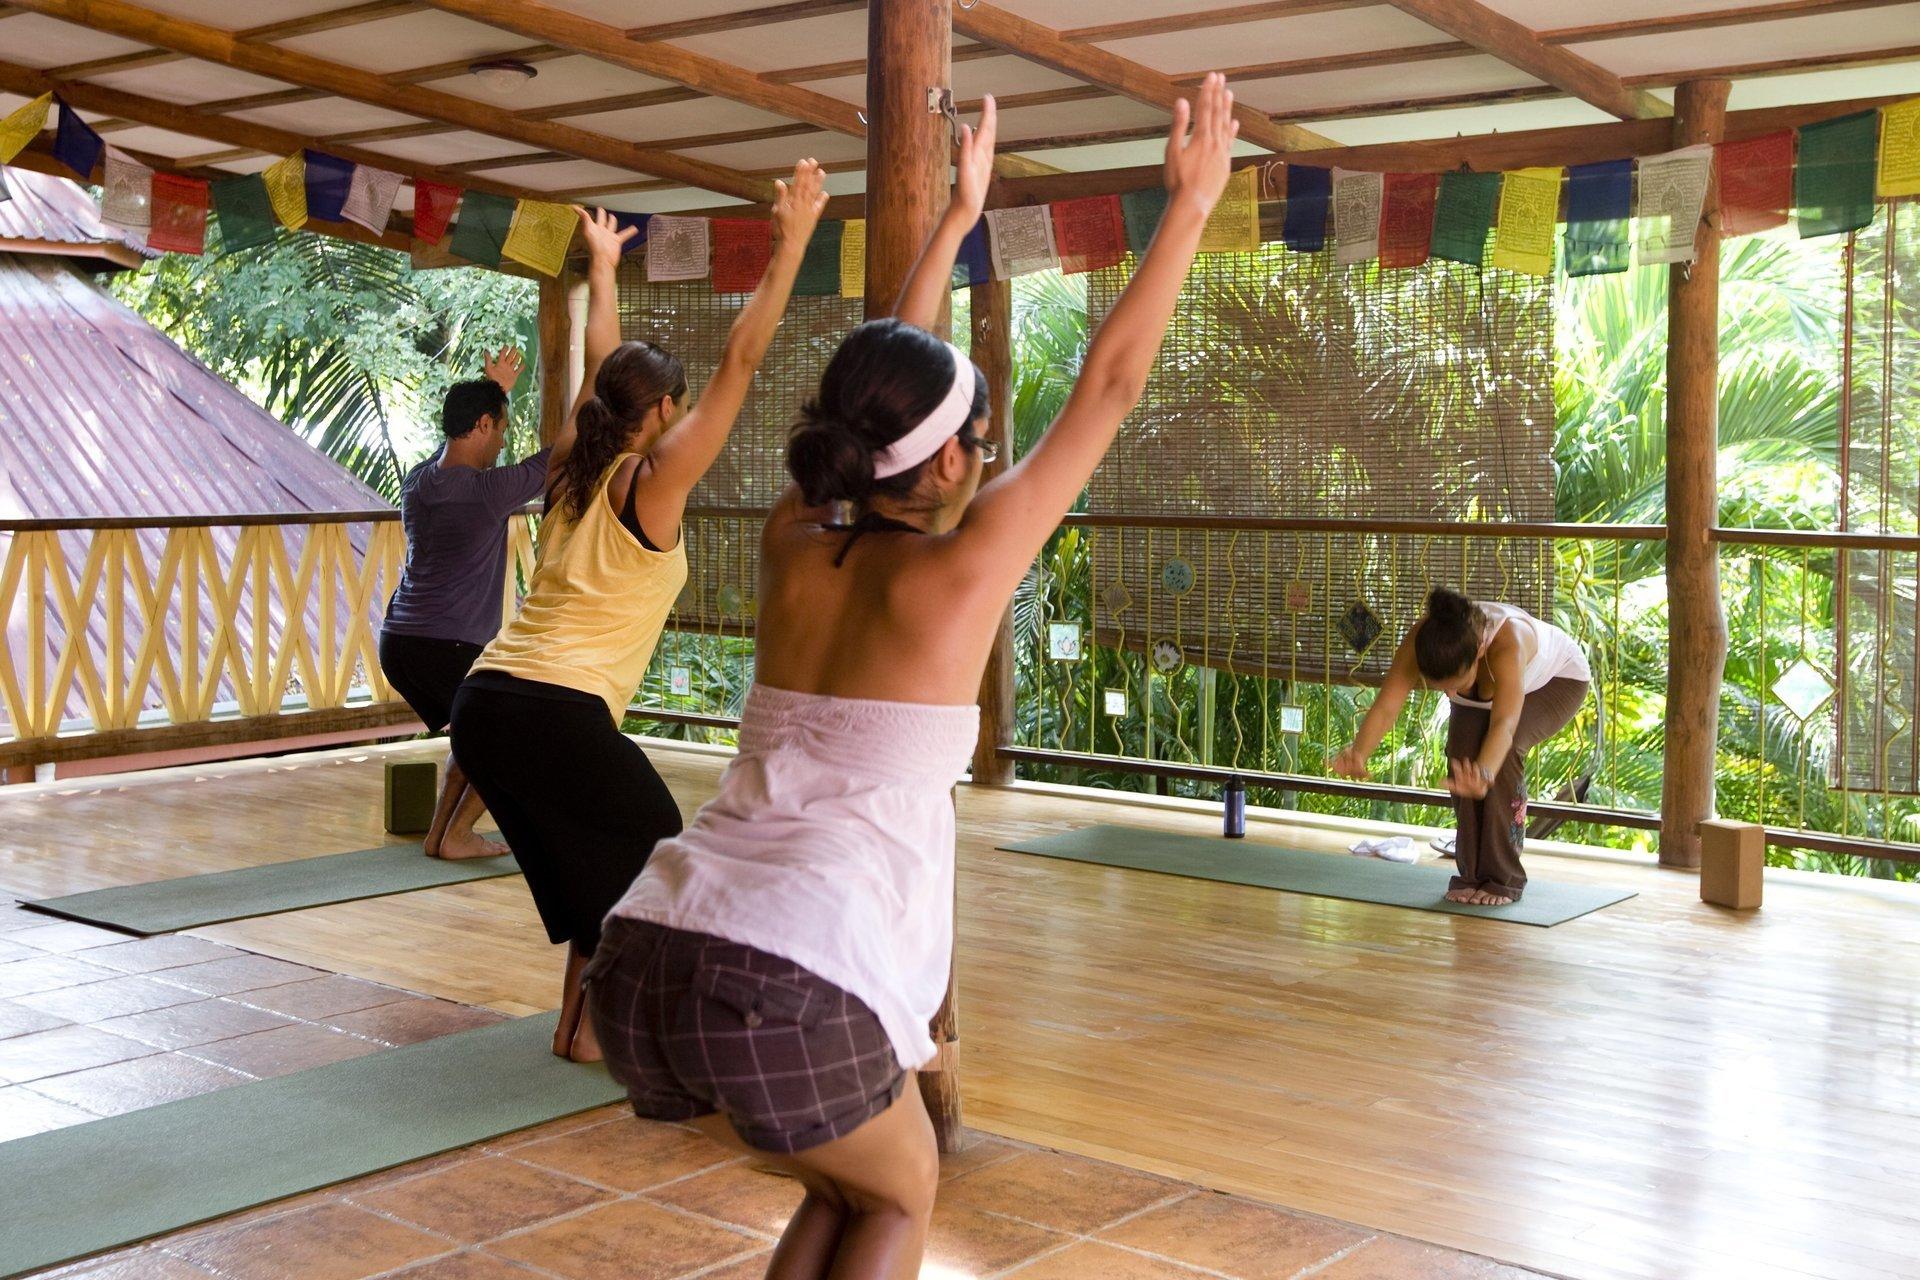 Welcome to Casa Zen Guesthouse and Yoga Center in Santa Teresa